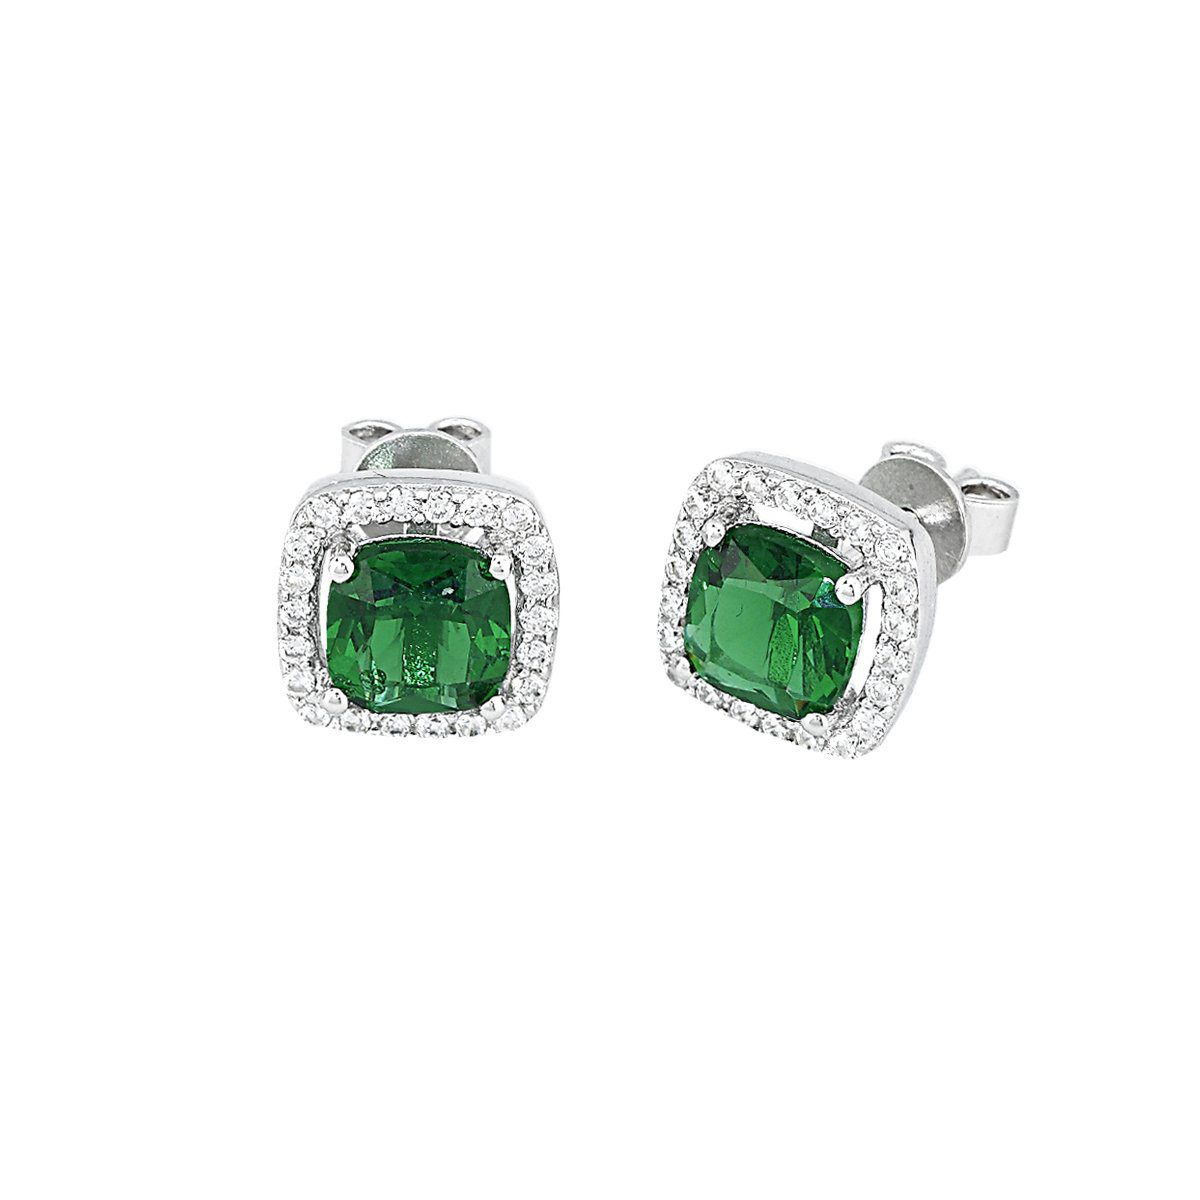 Popolare Orecchini Mabina Donna Argento Zirconi Verde Smeraldo - 563054 QC89